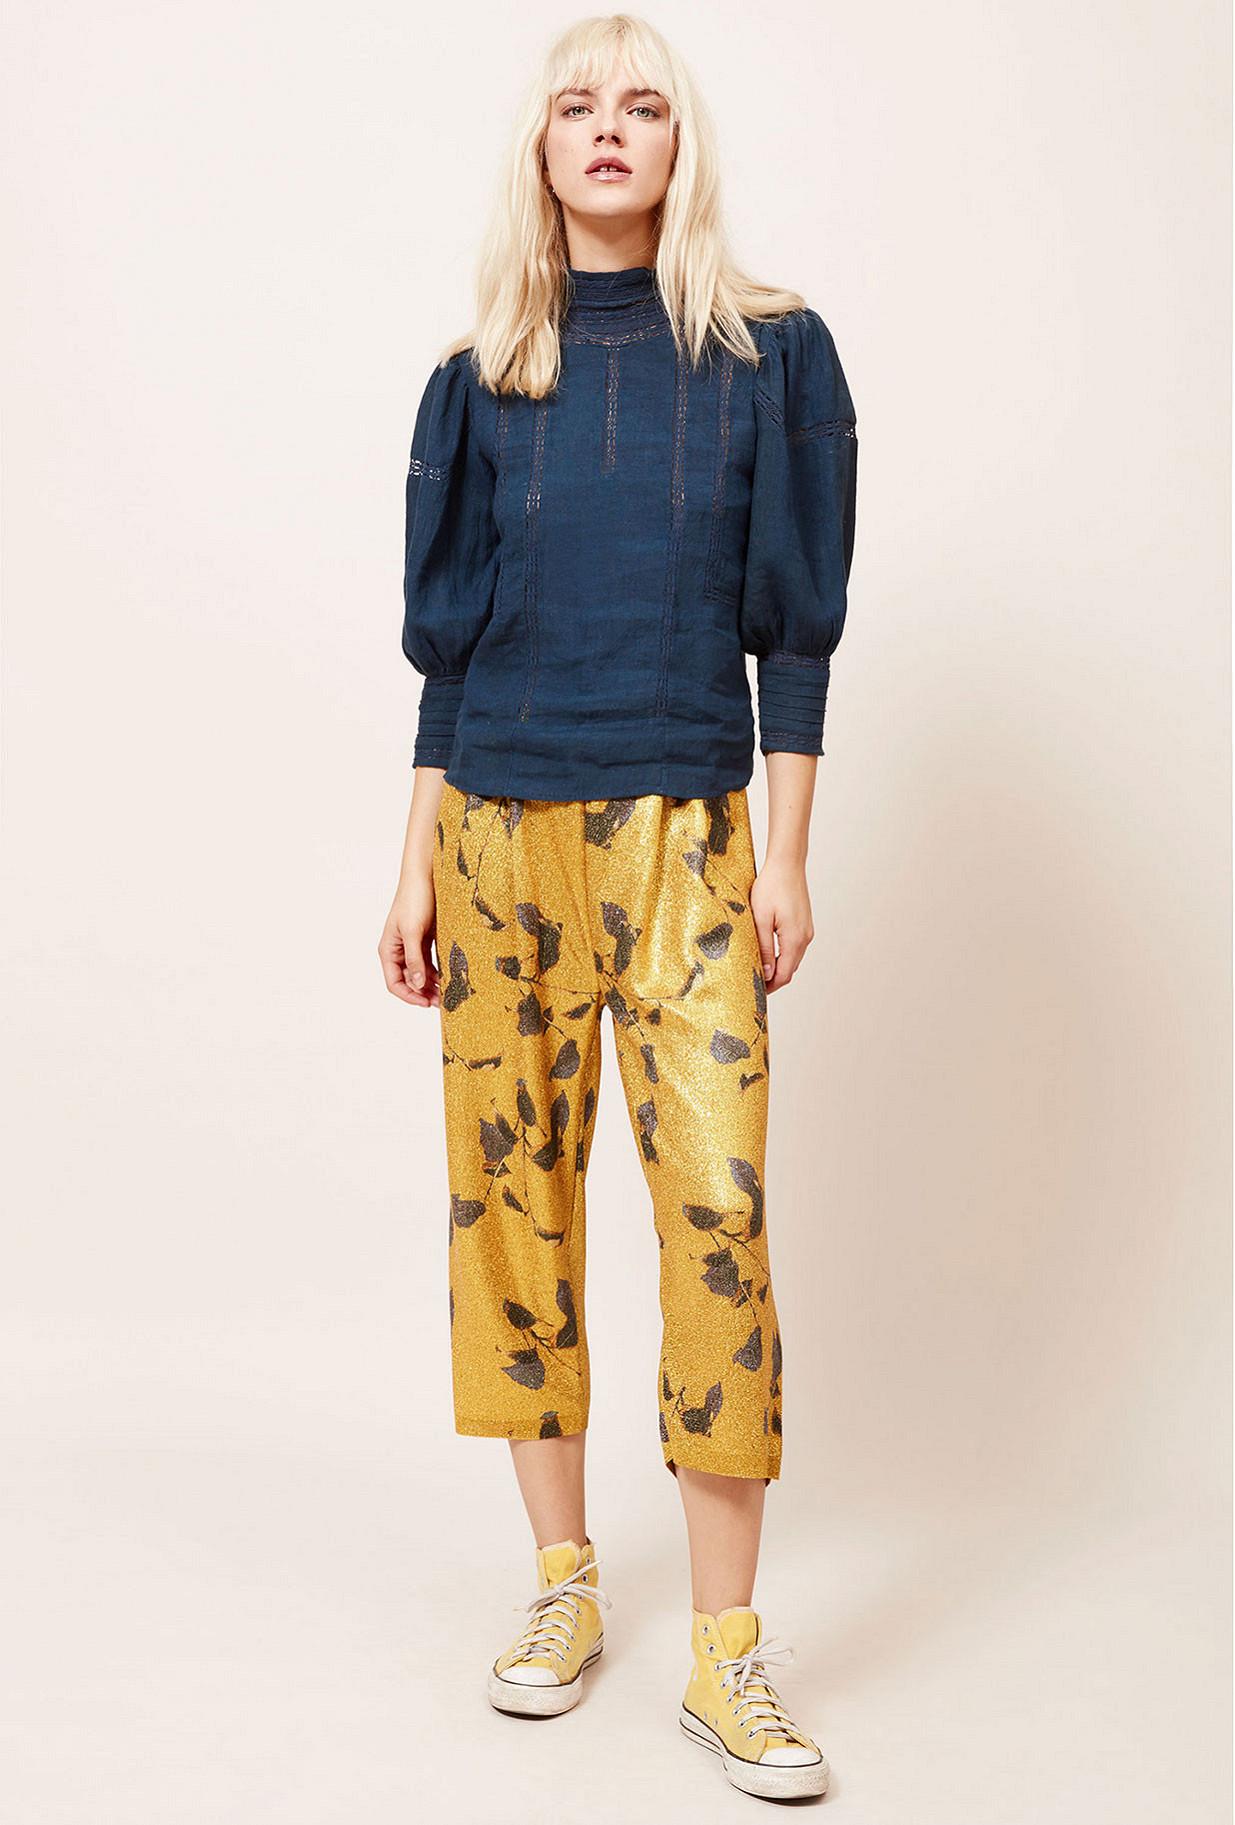 Paris clothes store Pant  Gordon french designer fashion Paris